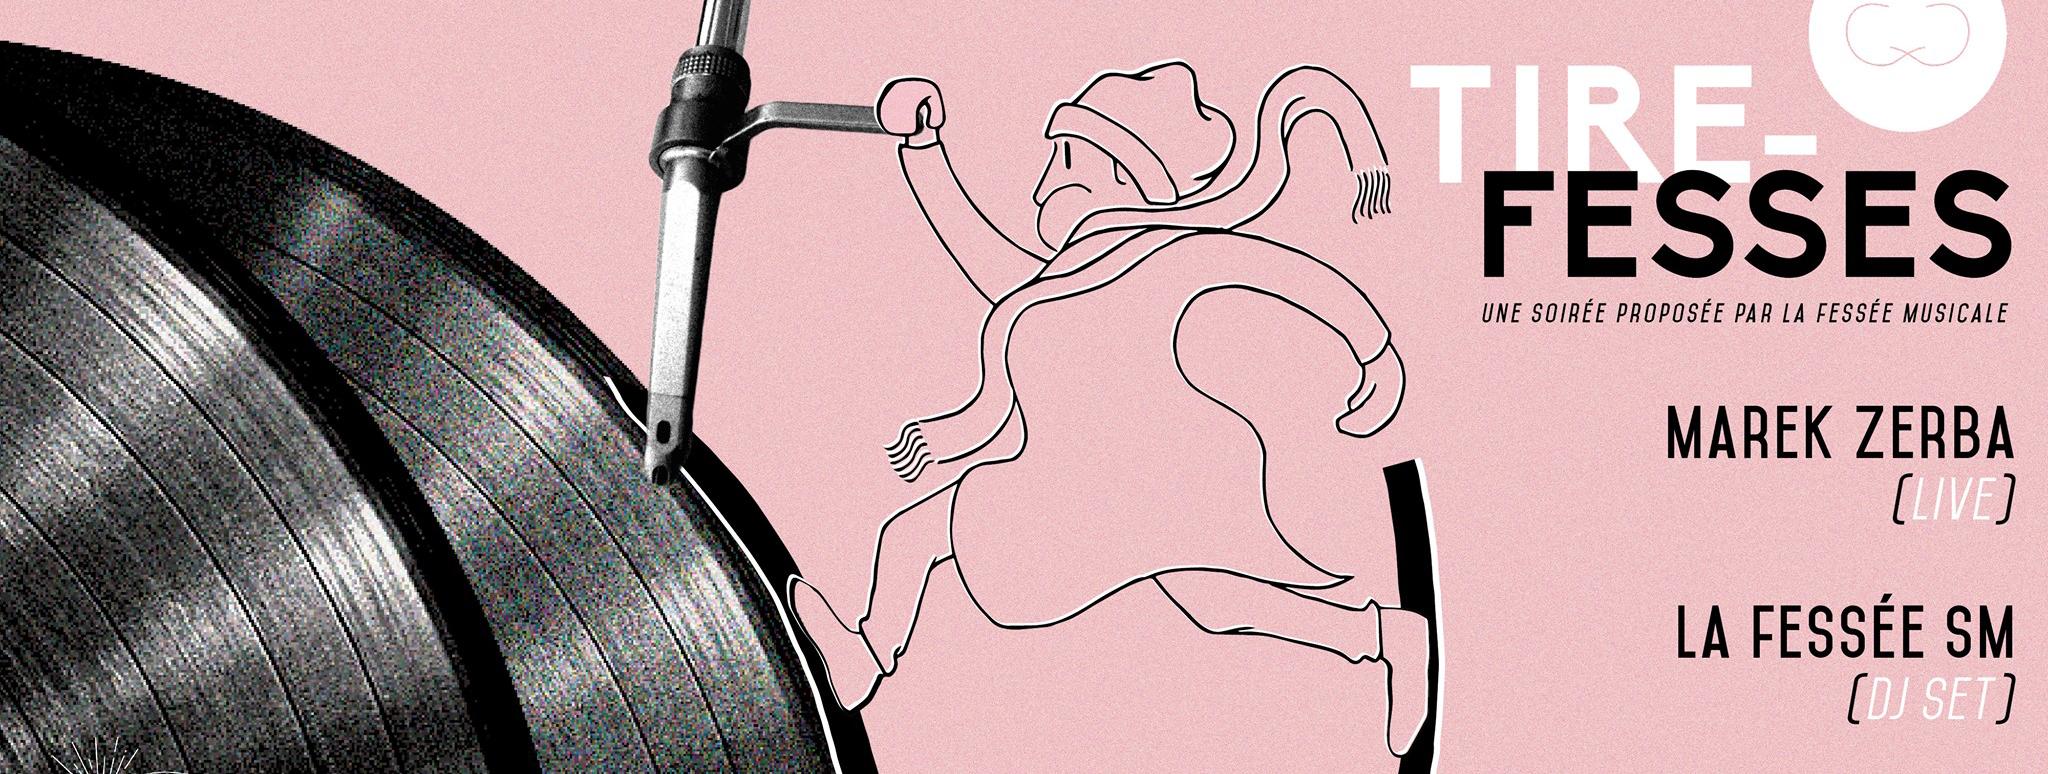 Tire-Fesses #2 by La Fessée Musicale et le 6b